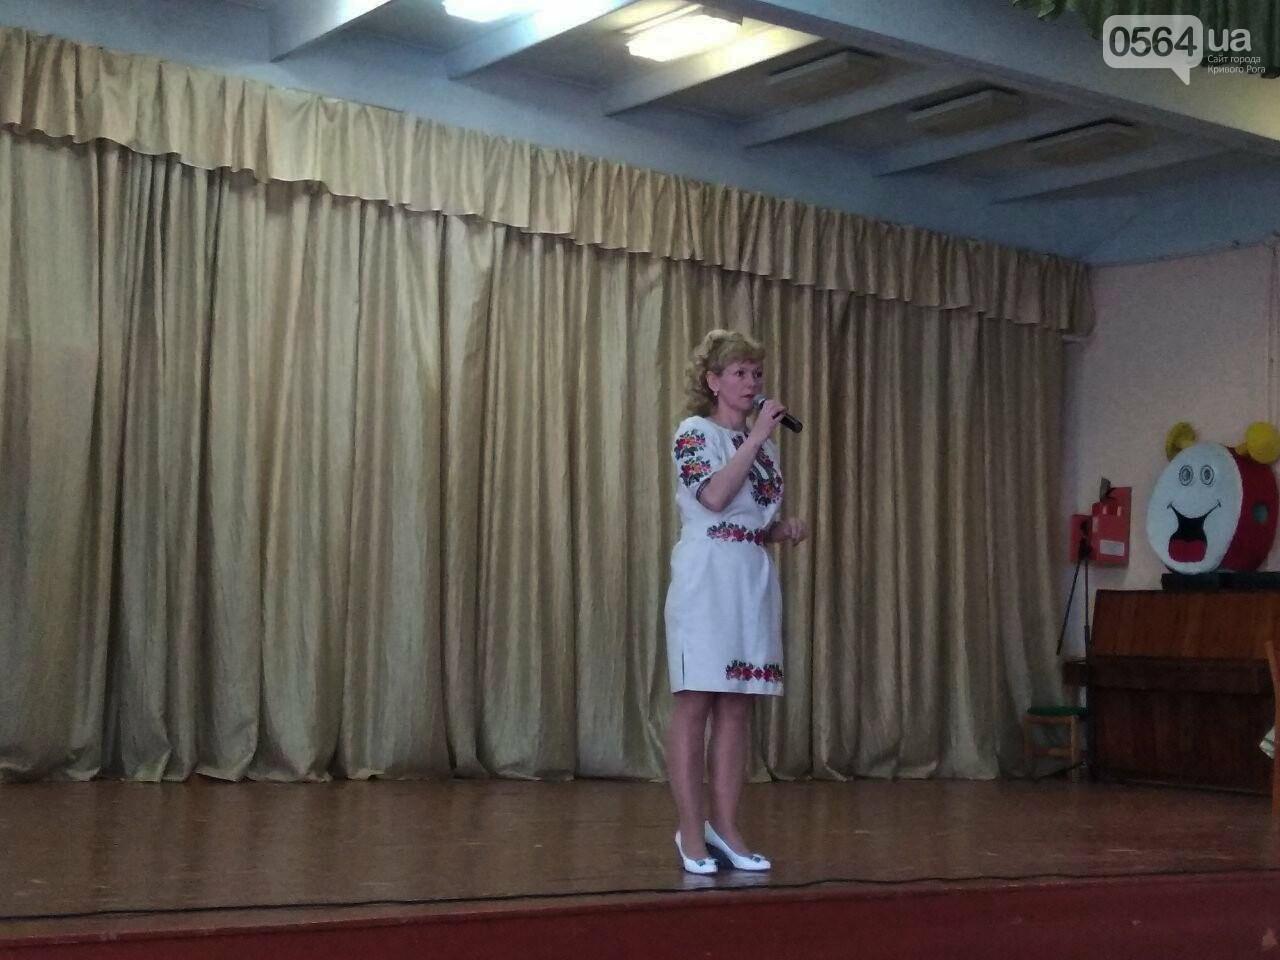 Криворожские школьники провели благотворительный концерт в поддержку бойцов АТО (ФОТО), фото-7